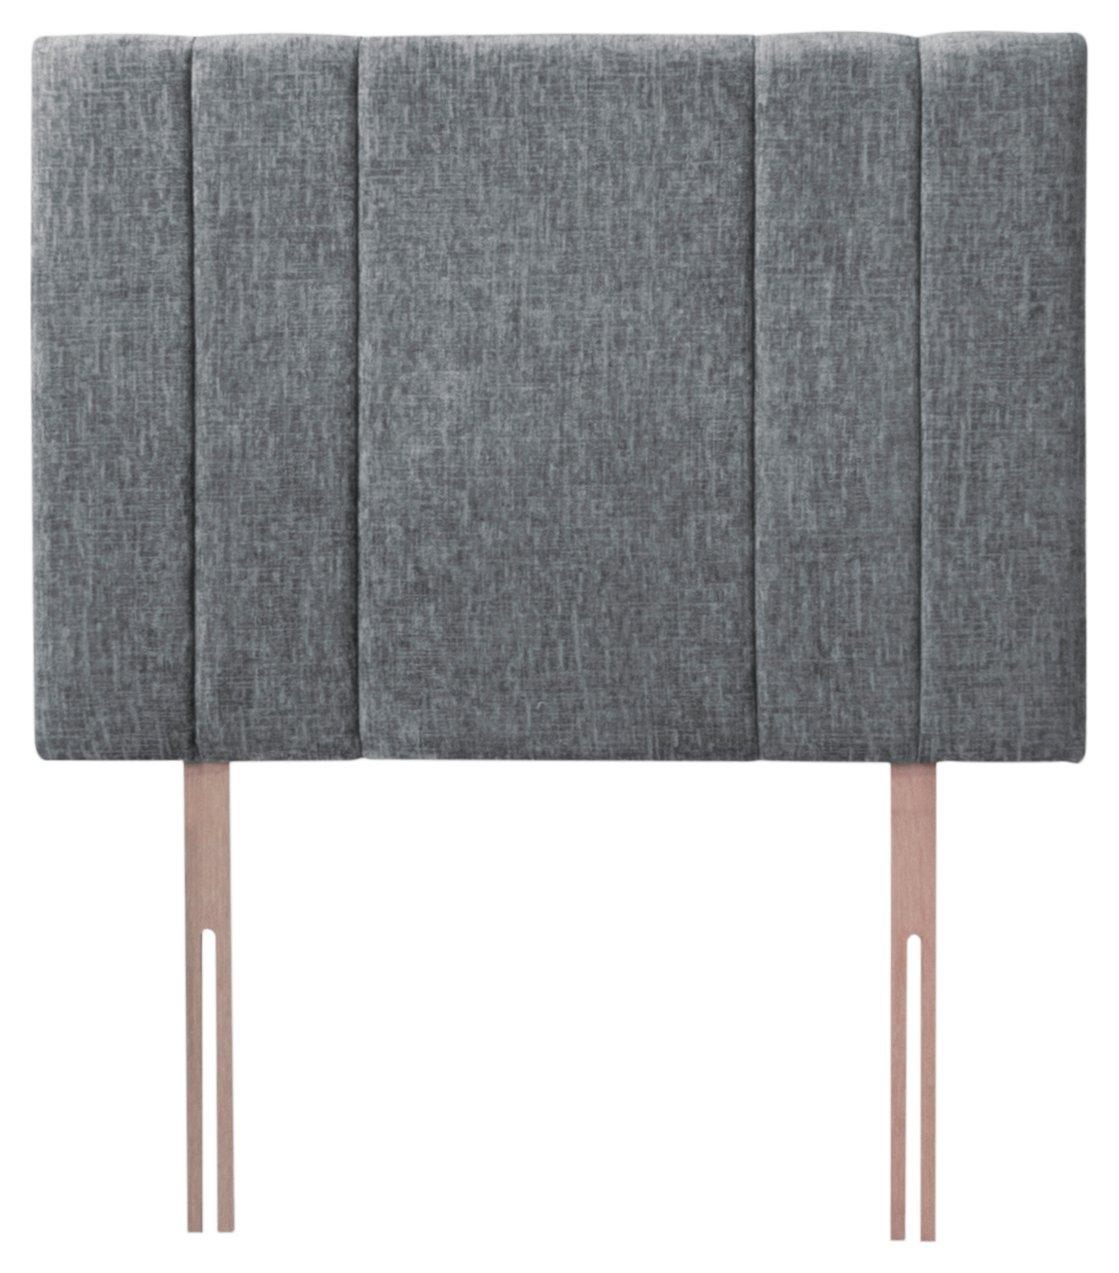 Airsprung Shawbury Headboard - Single